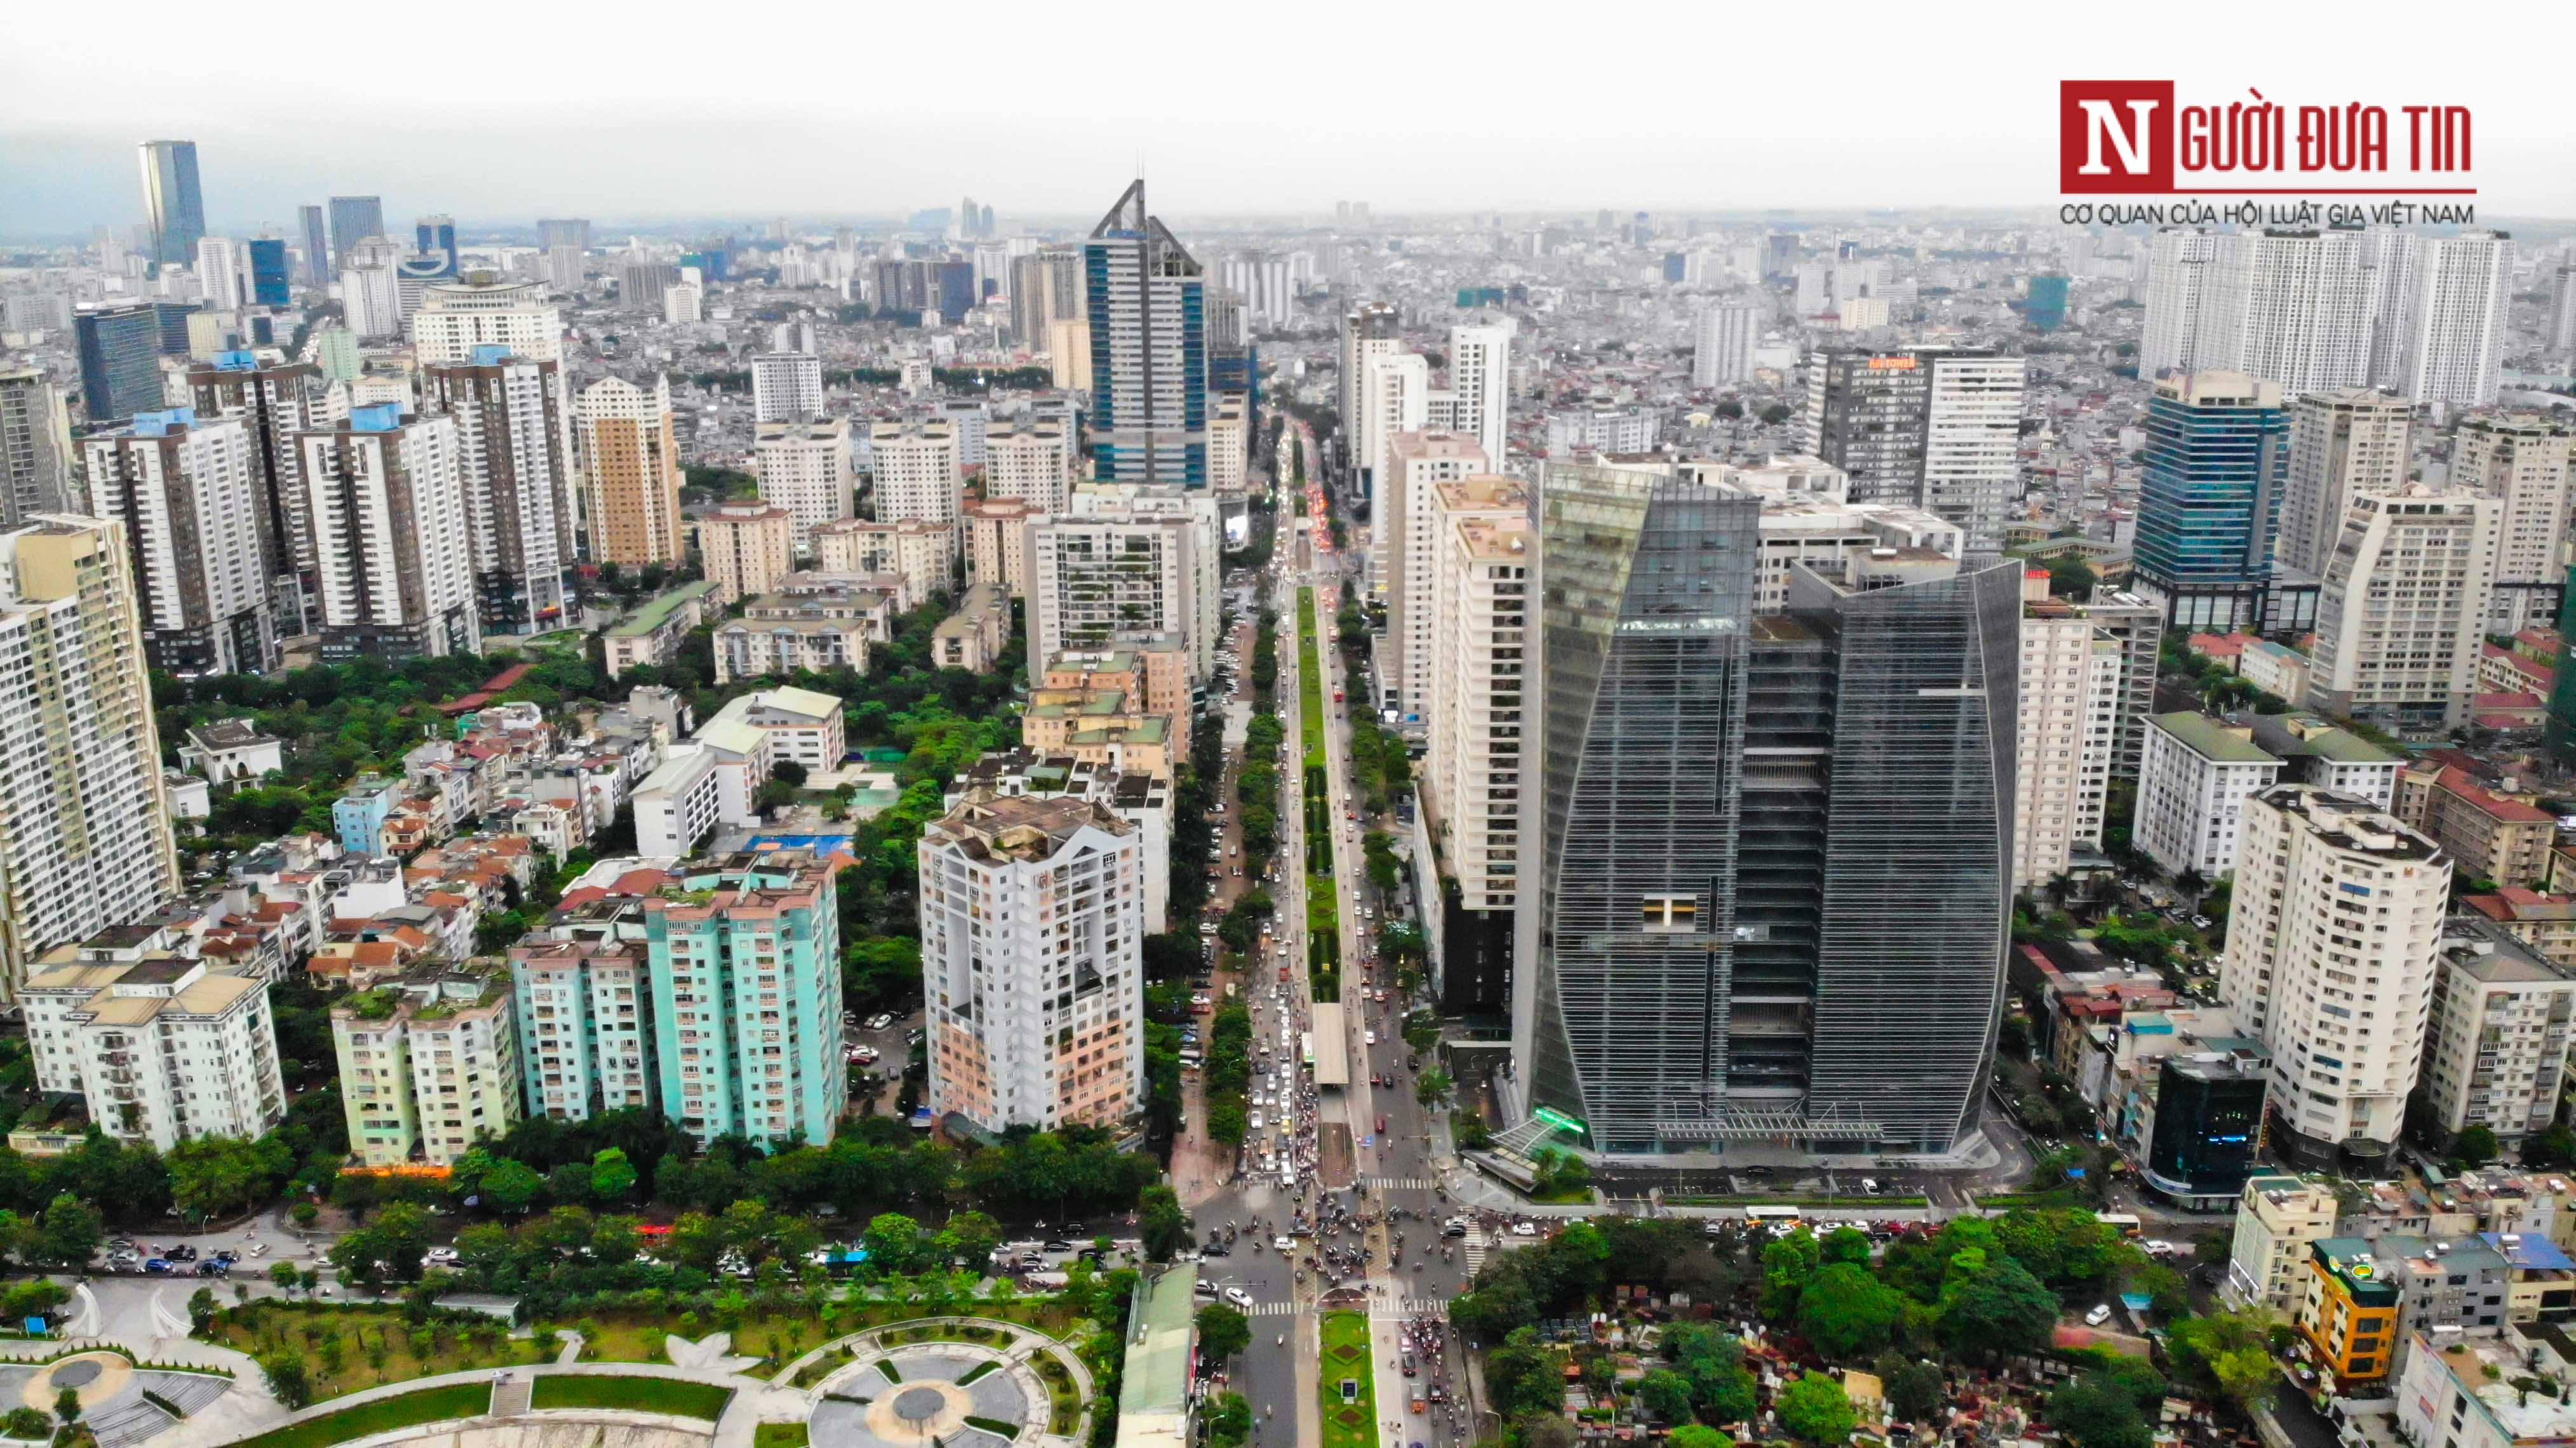 Bất động sản - Cận cảnh tuyến đường dài 2km cõng tới 40 toà nhà cao ốc tại Thủ đô (Hình 3).